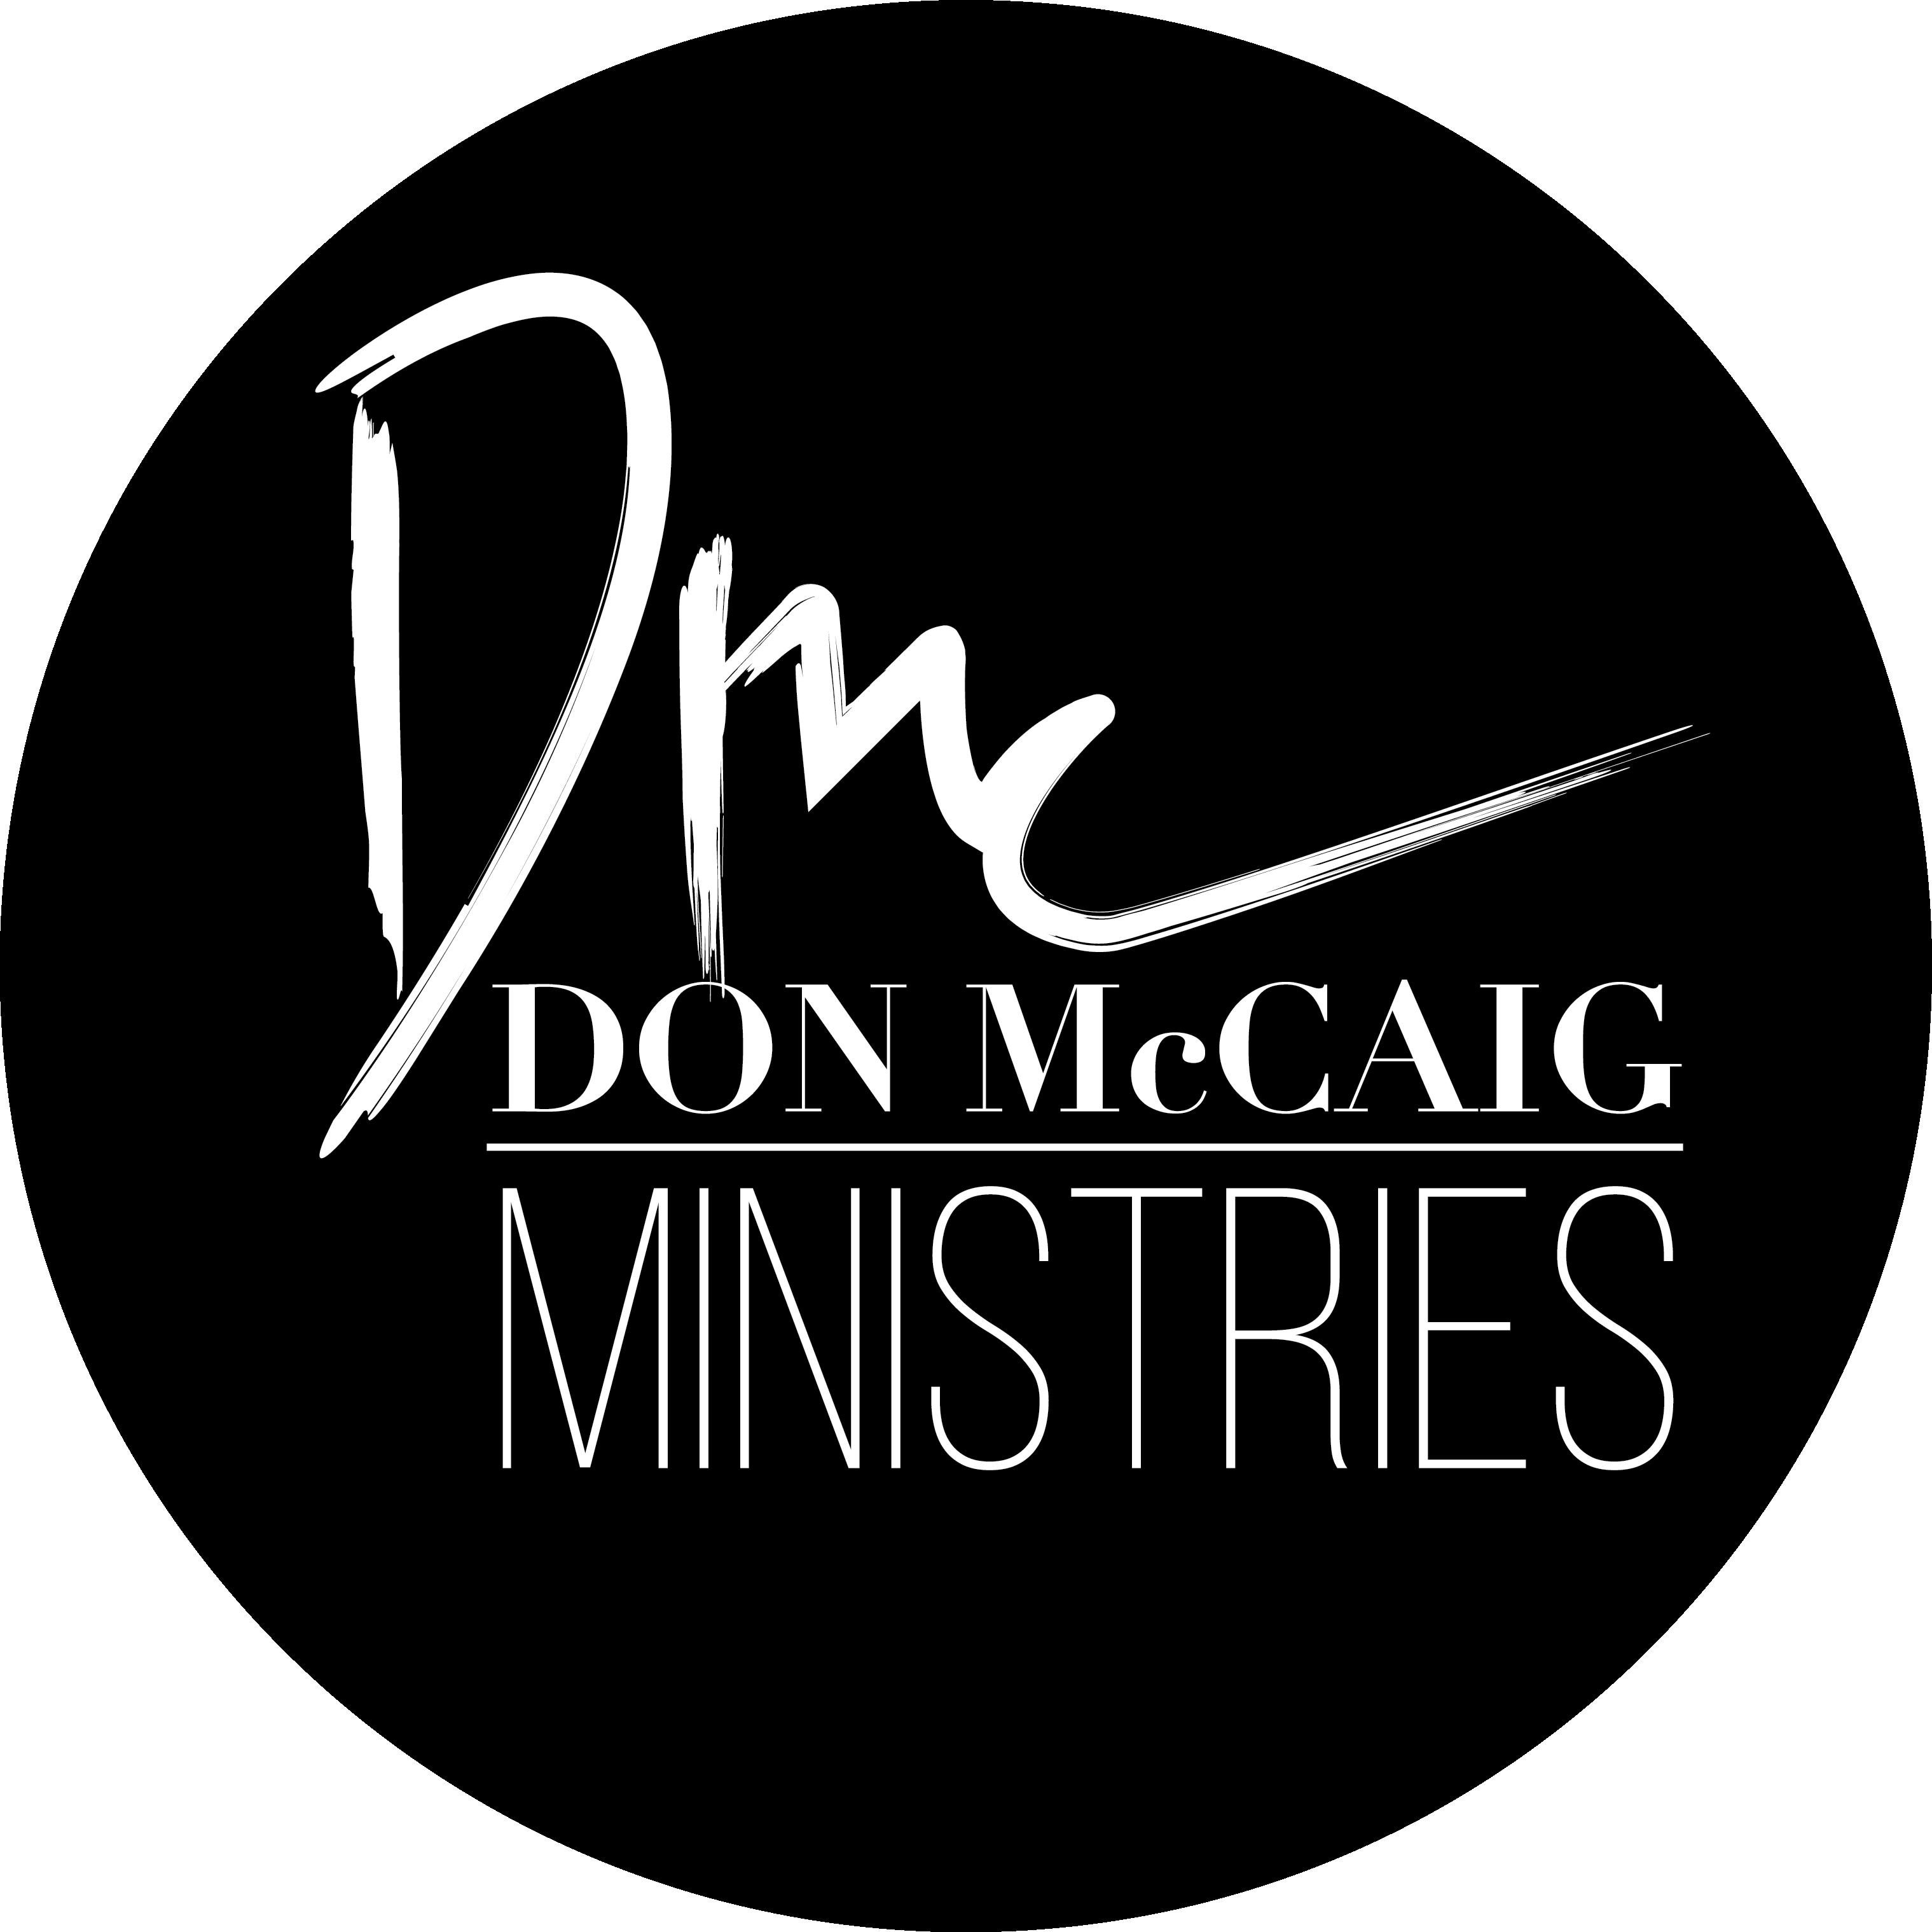 Don McCaig